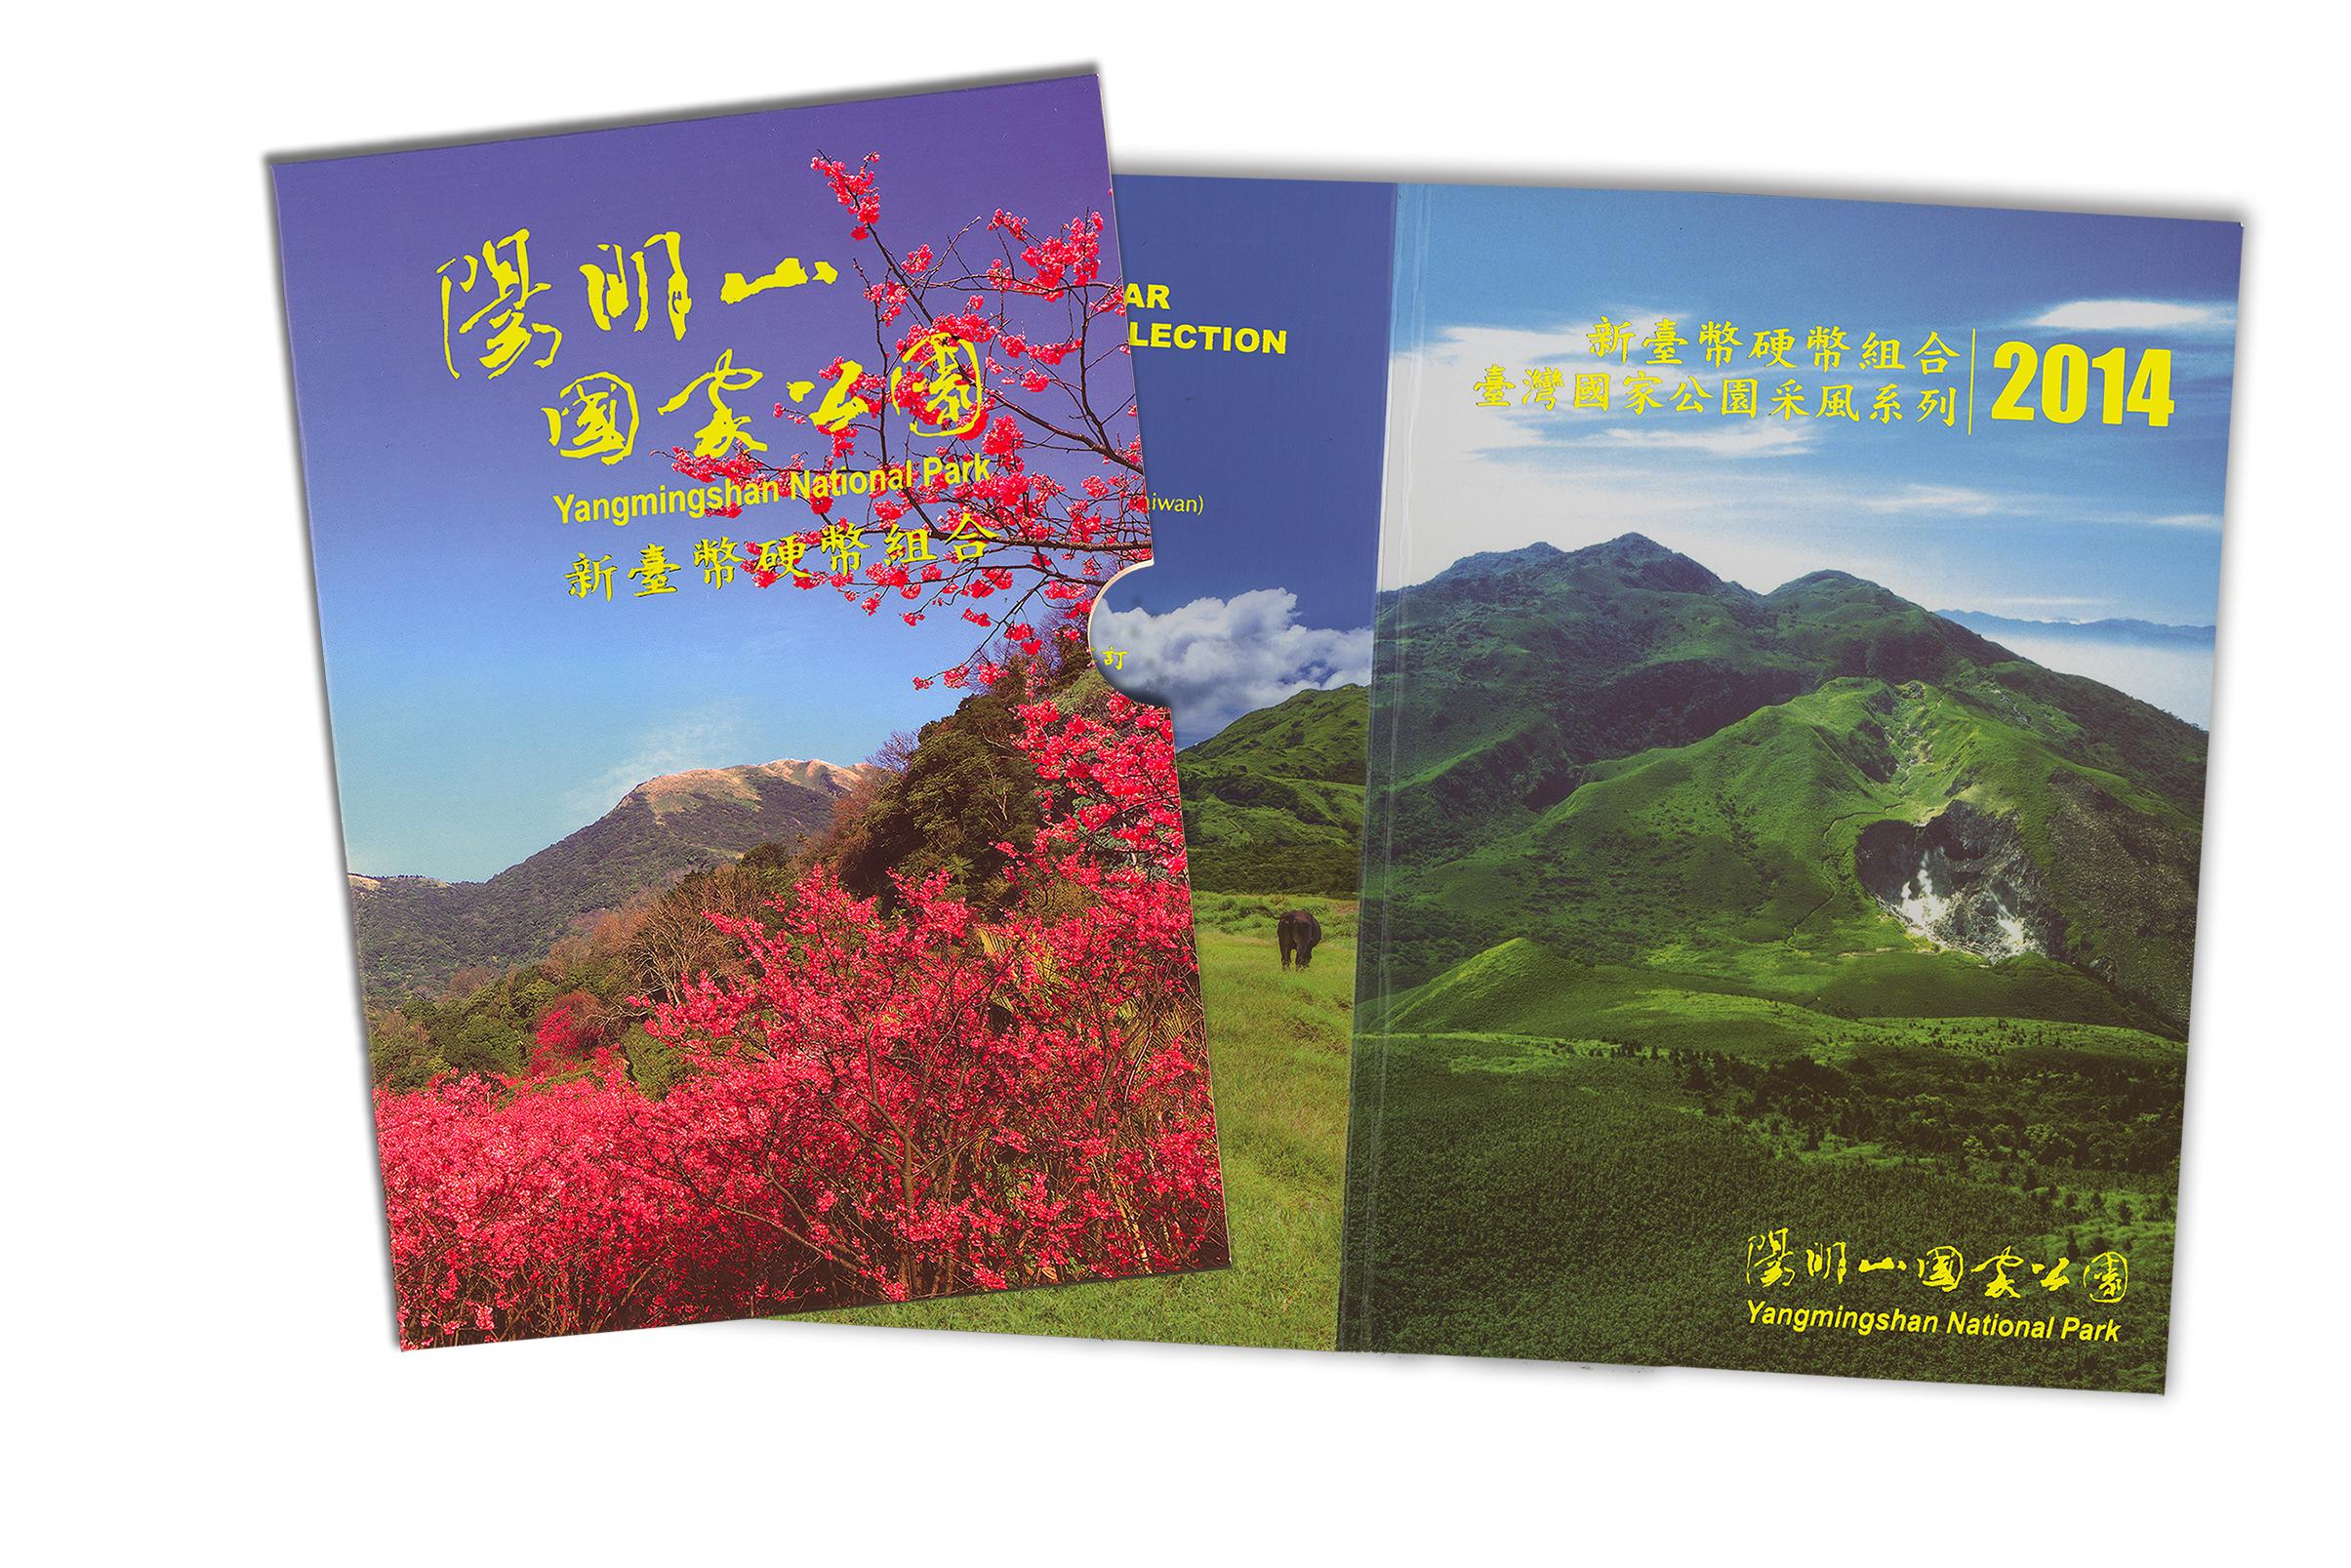 陽明山國家公園新臺幣硬幣組合